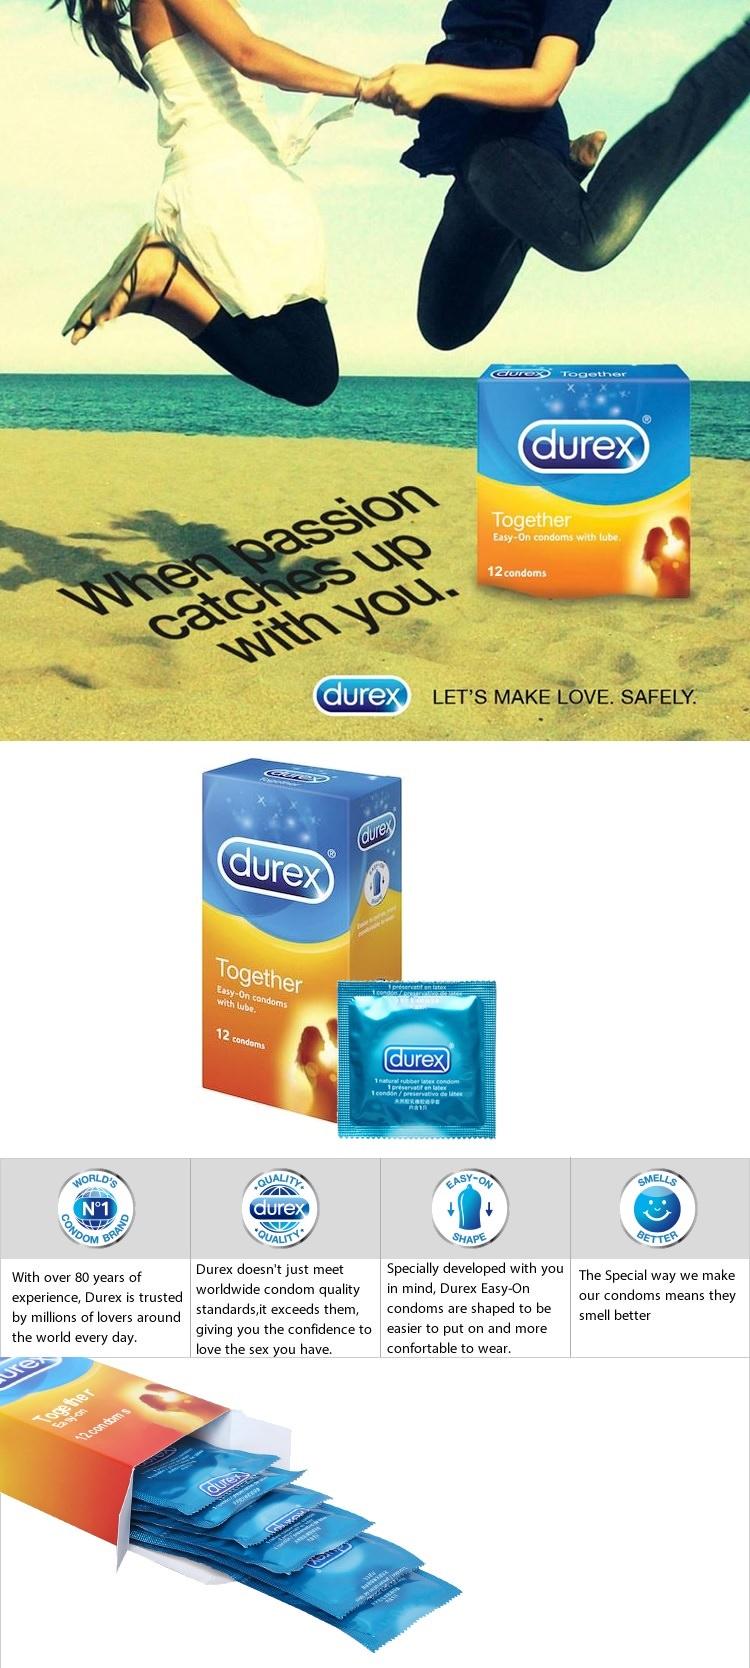 DRCD012 Durex Condom Info